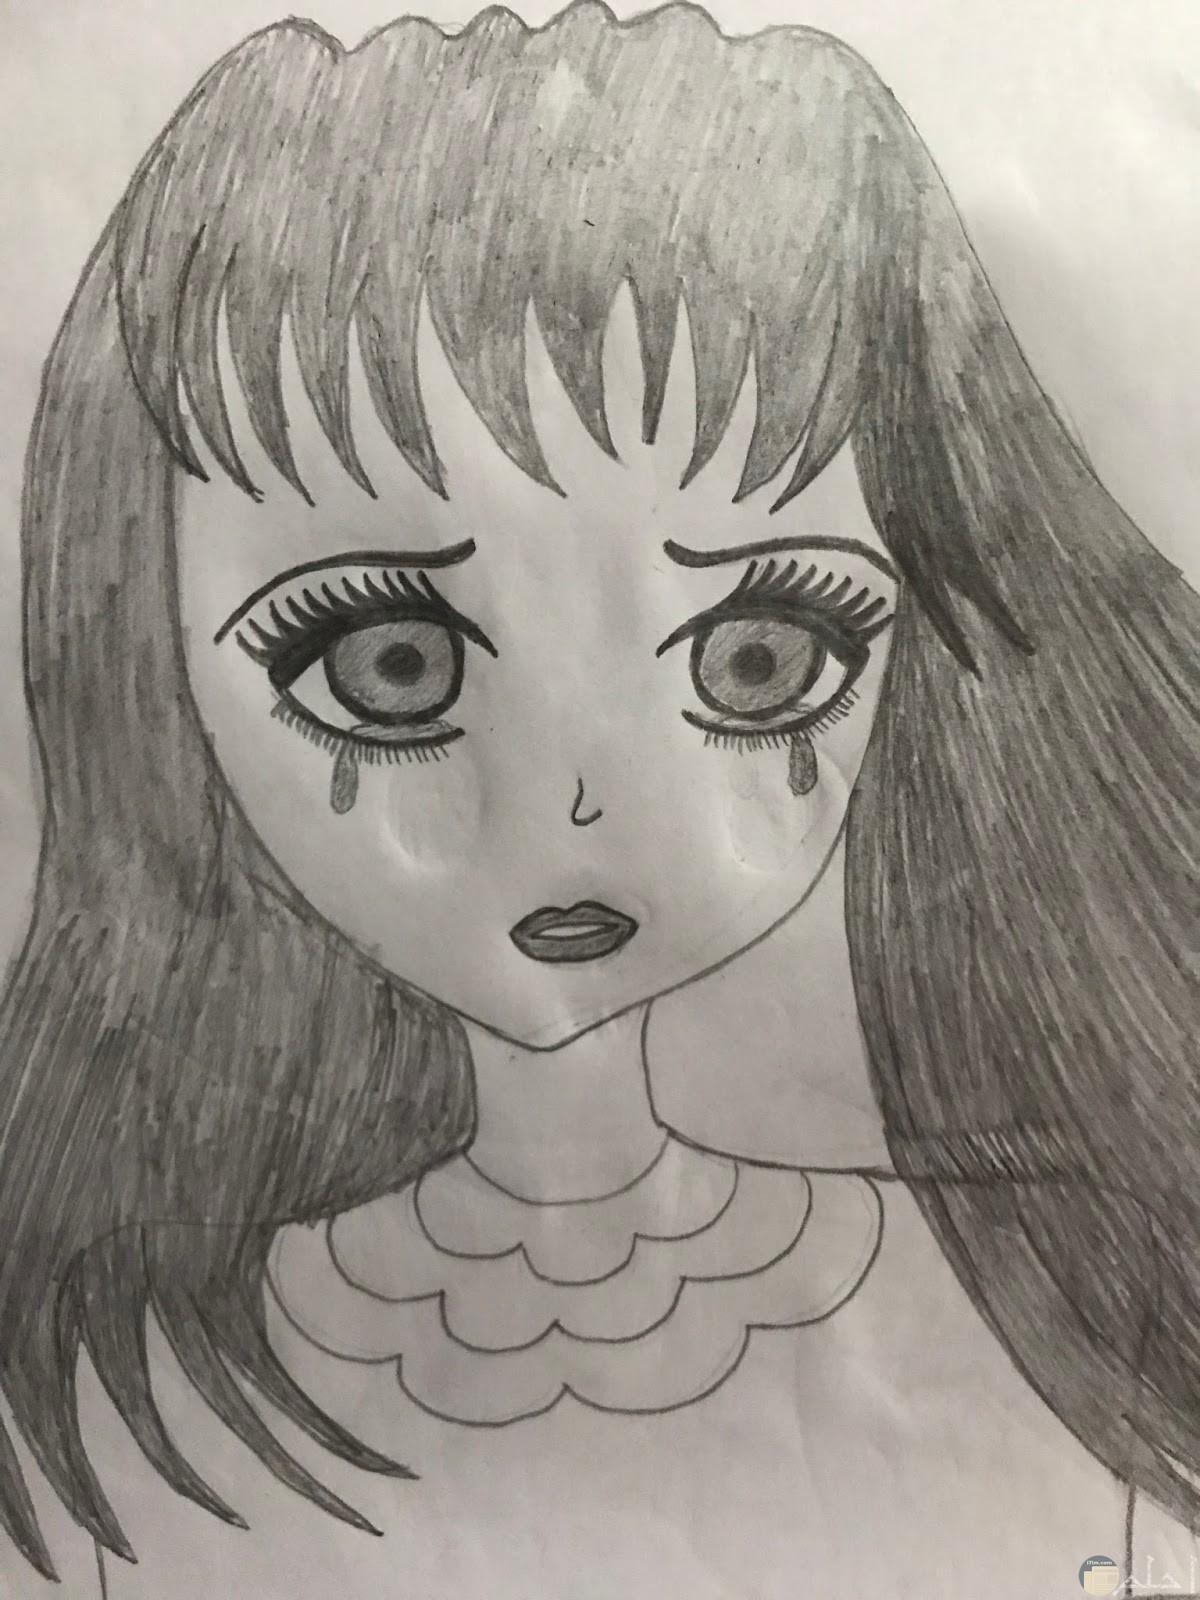 رسمة حزينة لفتاة تبكي